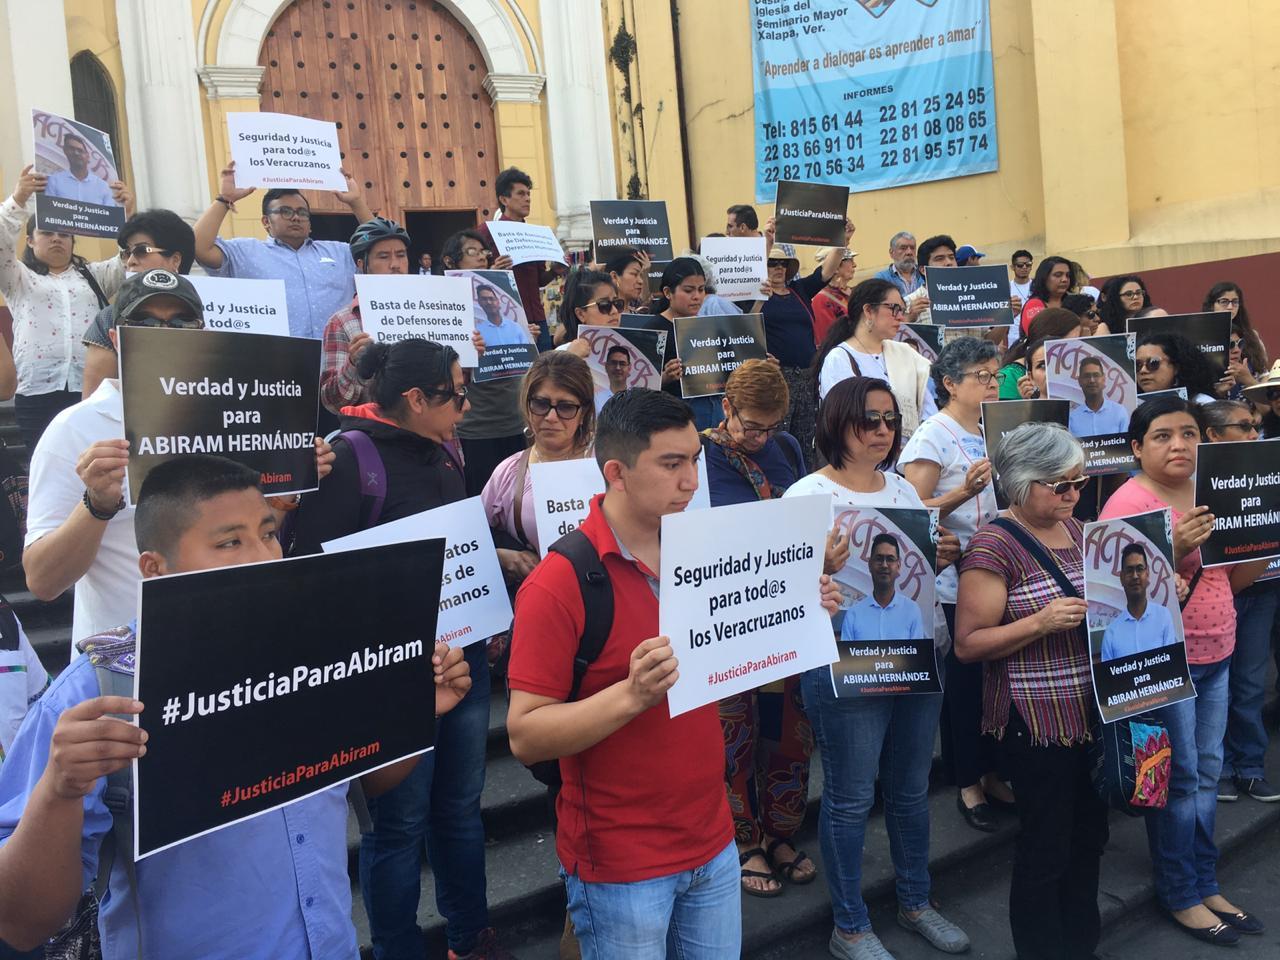 UV justicia y esclarecimiento del asesinato de Abiram Hernández